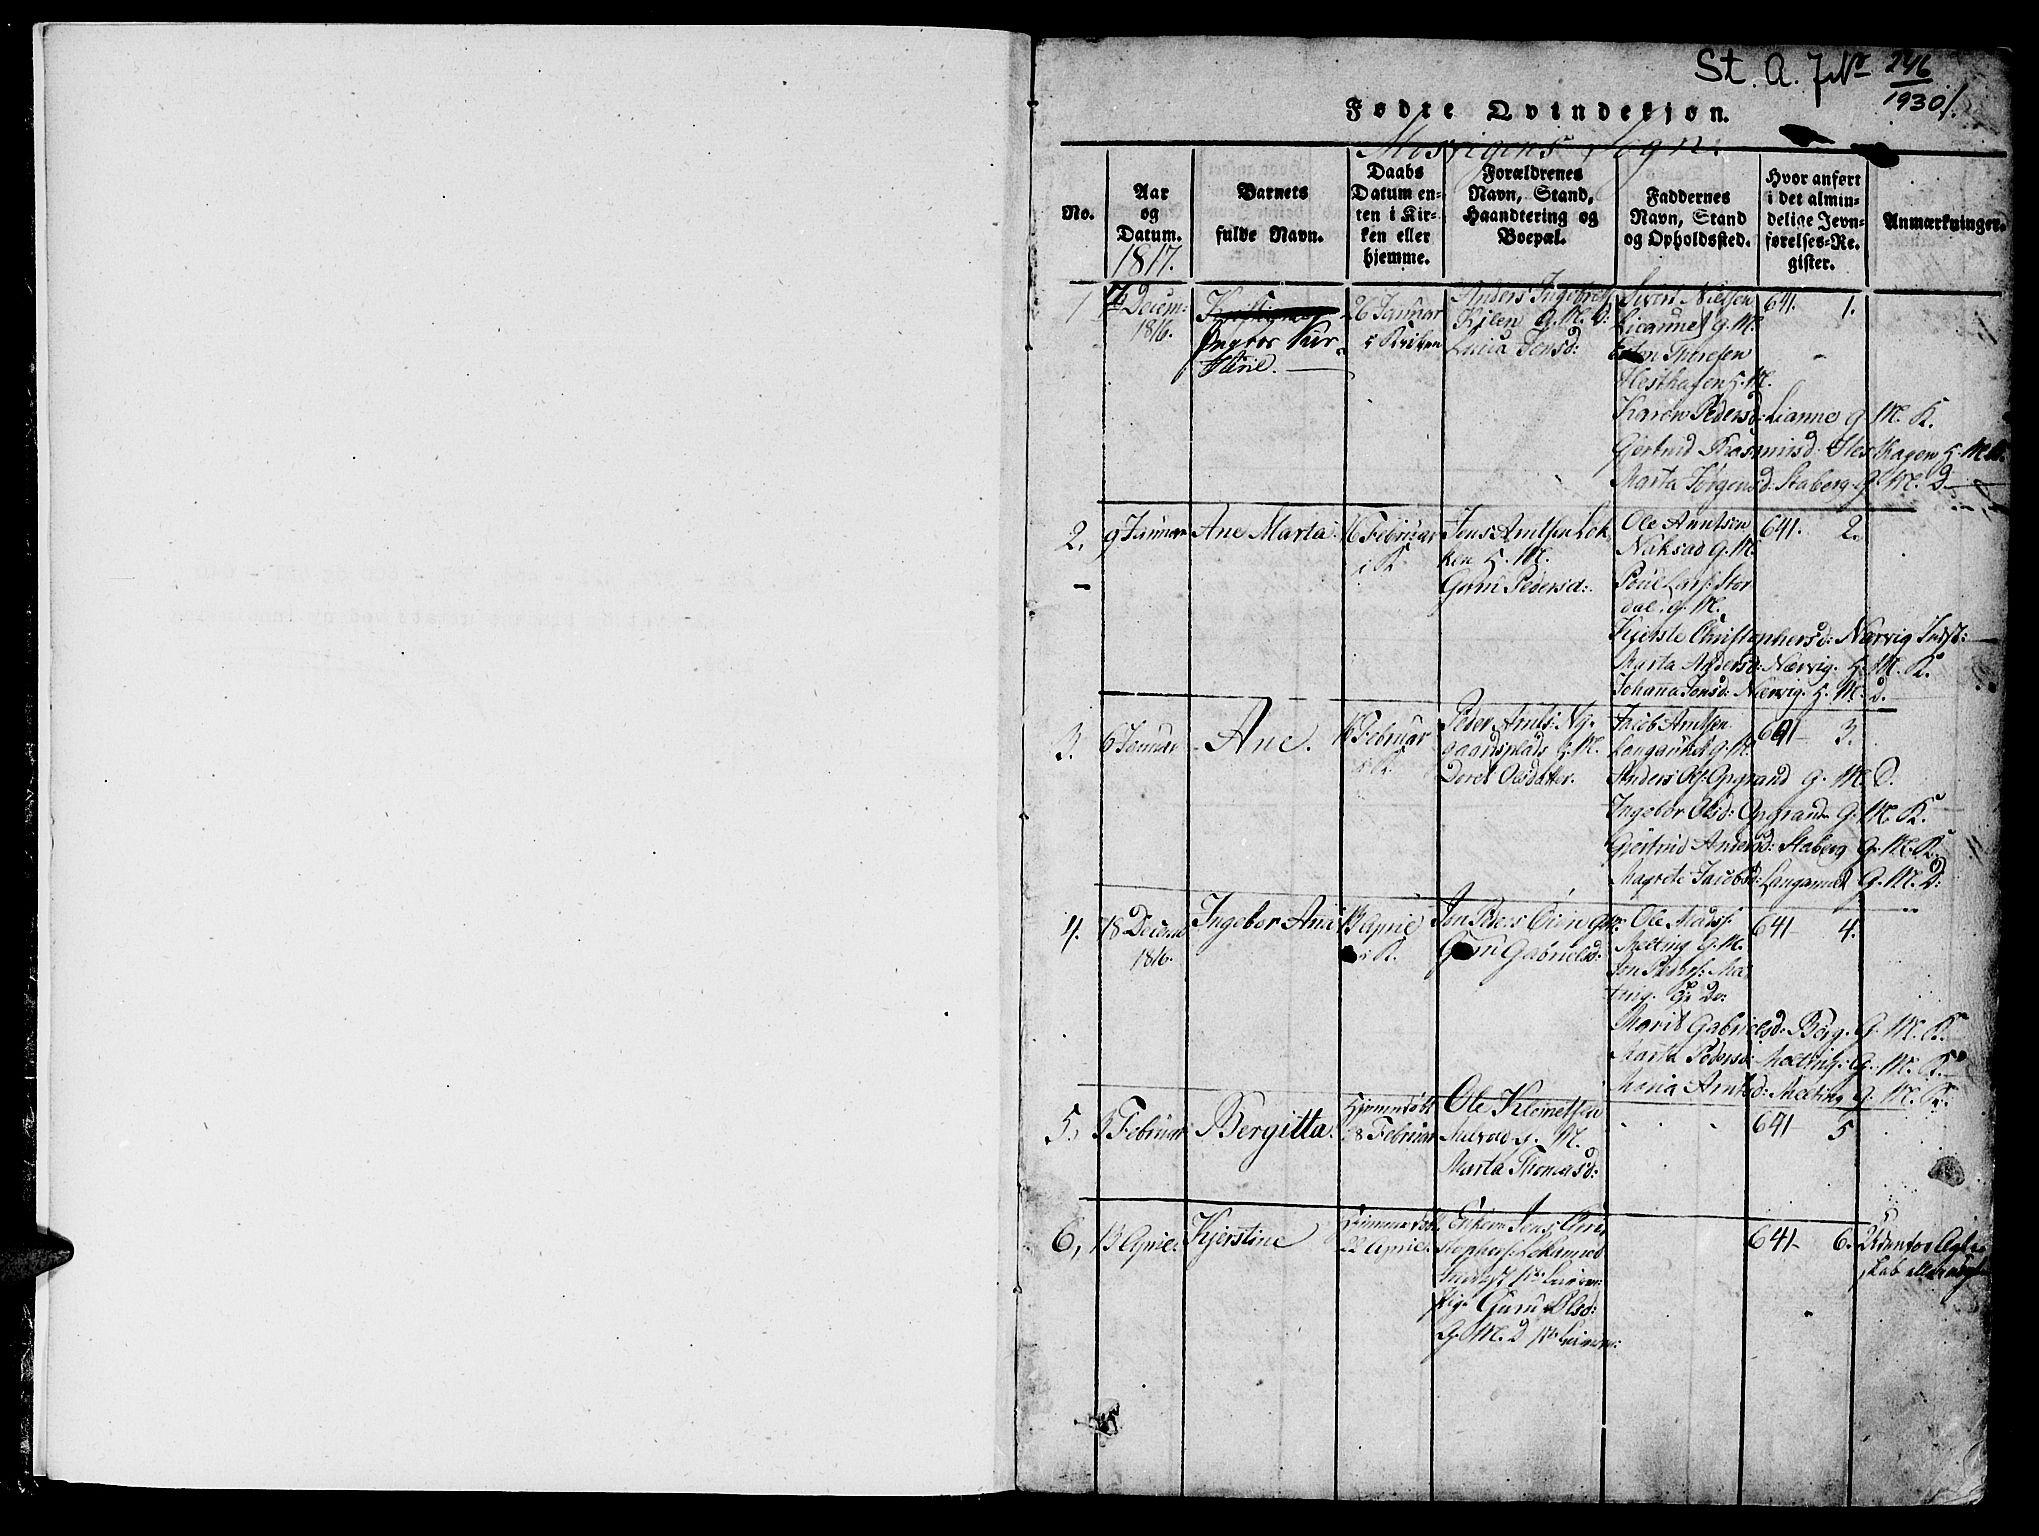 SAT, Ministerialprotokoller, klokkerbøker og fødselsregistre - Nord-Trøndelag, 733/L0322: Ministerialbok nr. 733A01, 1817-1842, s. 0-1